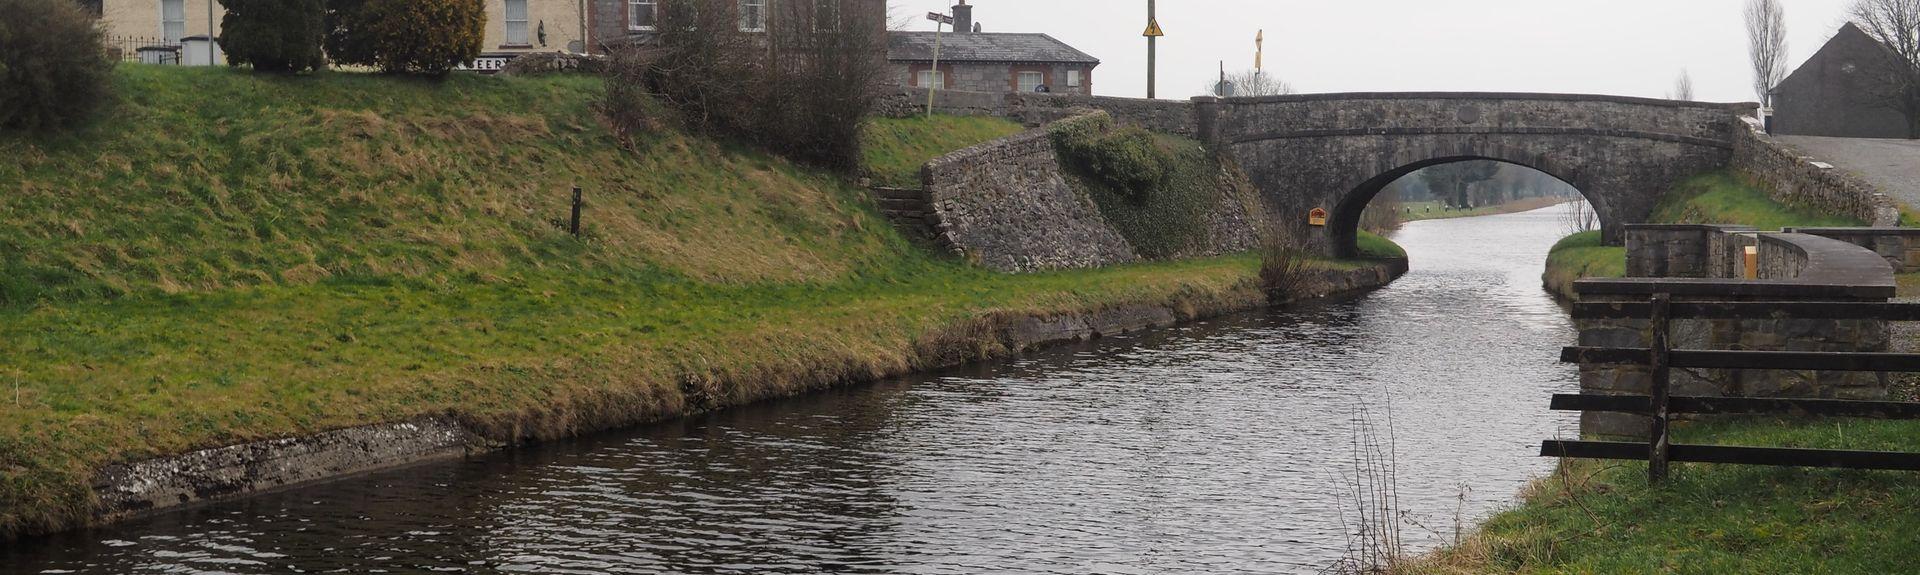 Rock of Dunamase, Offaly, Irland